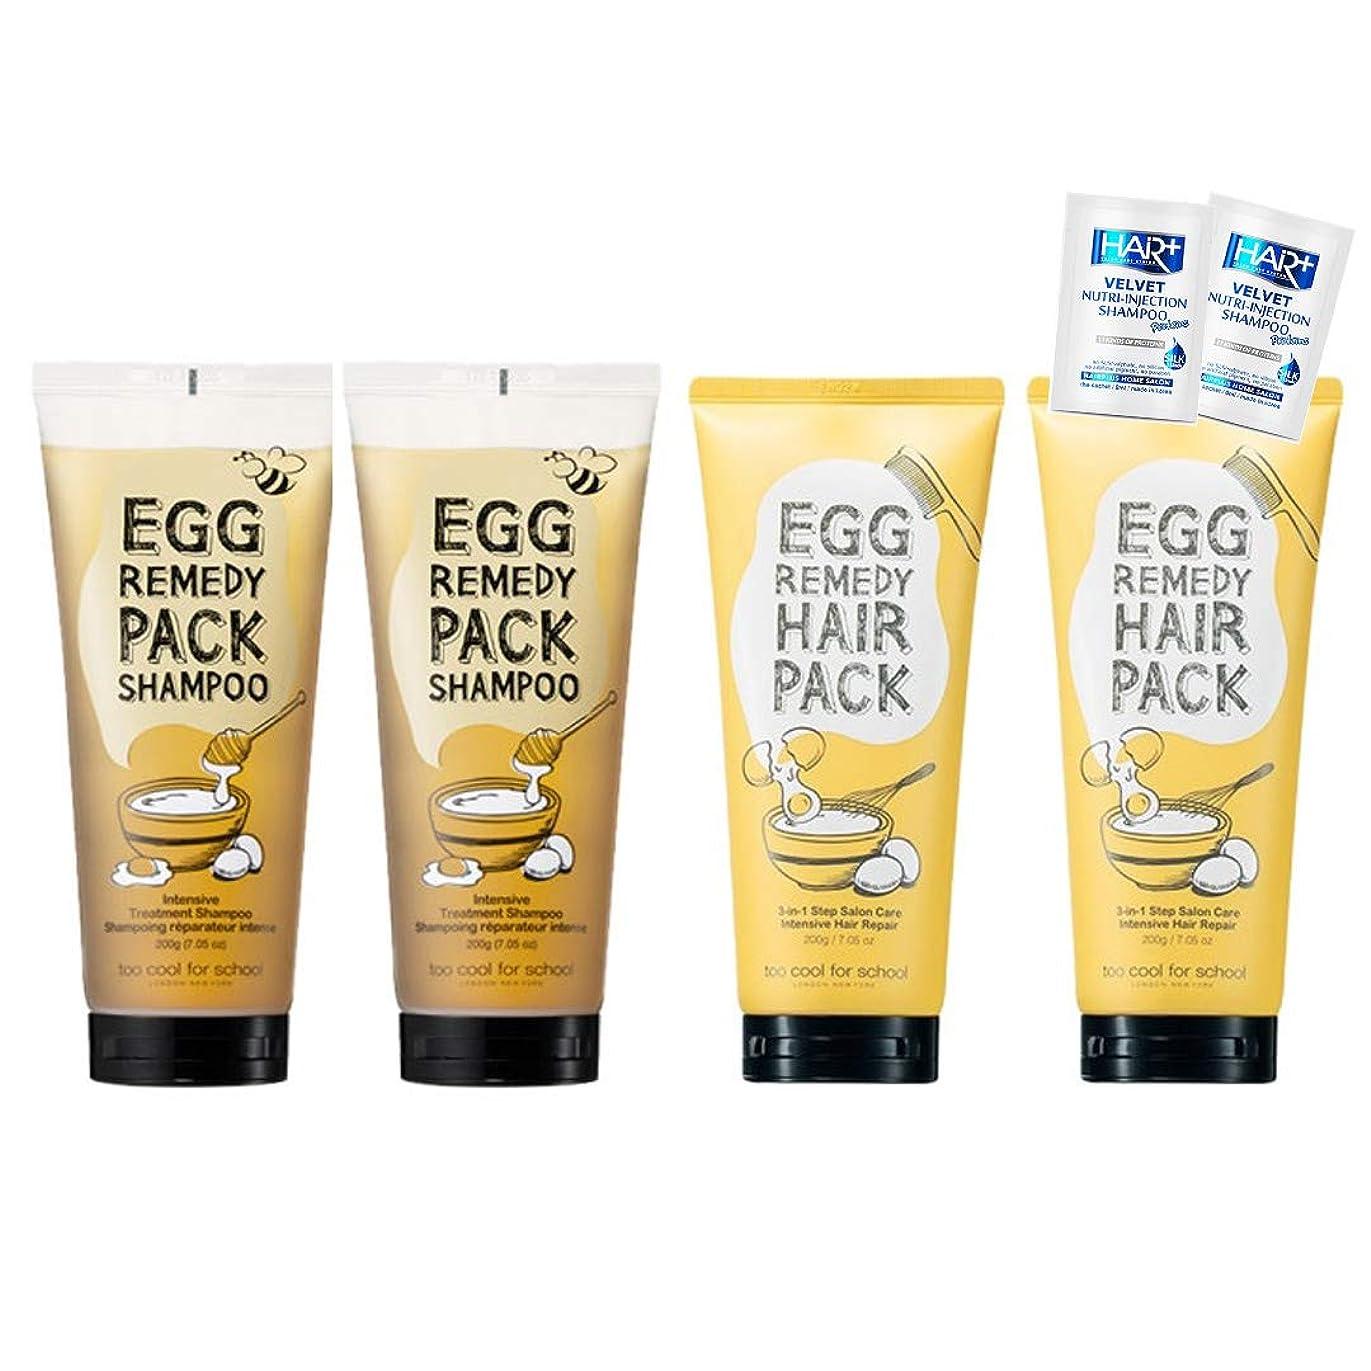 行穀物発音するトゥークールフォ―スクール(too cool for school)/エッグレミディパックシャンプーtoo cool for school Egg Remedy Pack Shampoo 200ml X 2EA + エッグレミディヘアパック/ too cool for school Egg Remedy Hair Pack 200ML X 2EA[並行輸入品]+non silicon shampoo 8ml